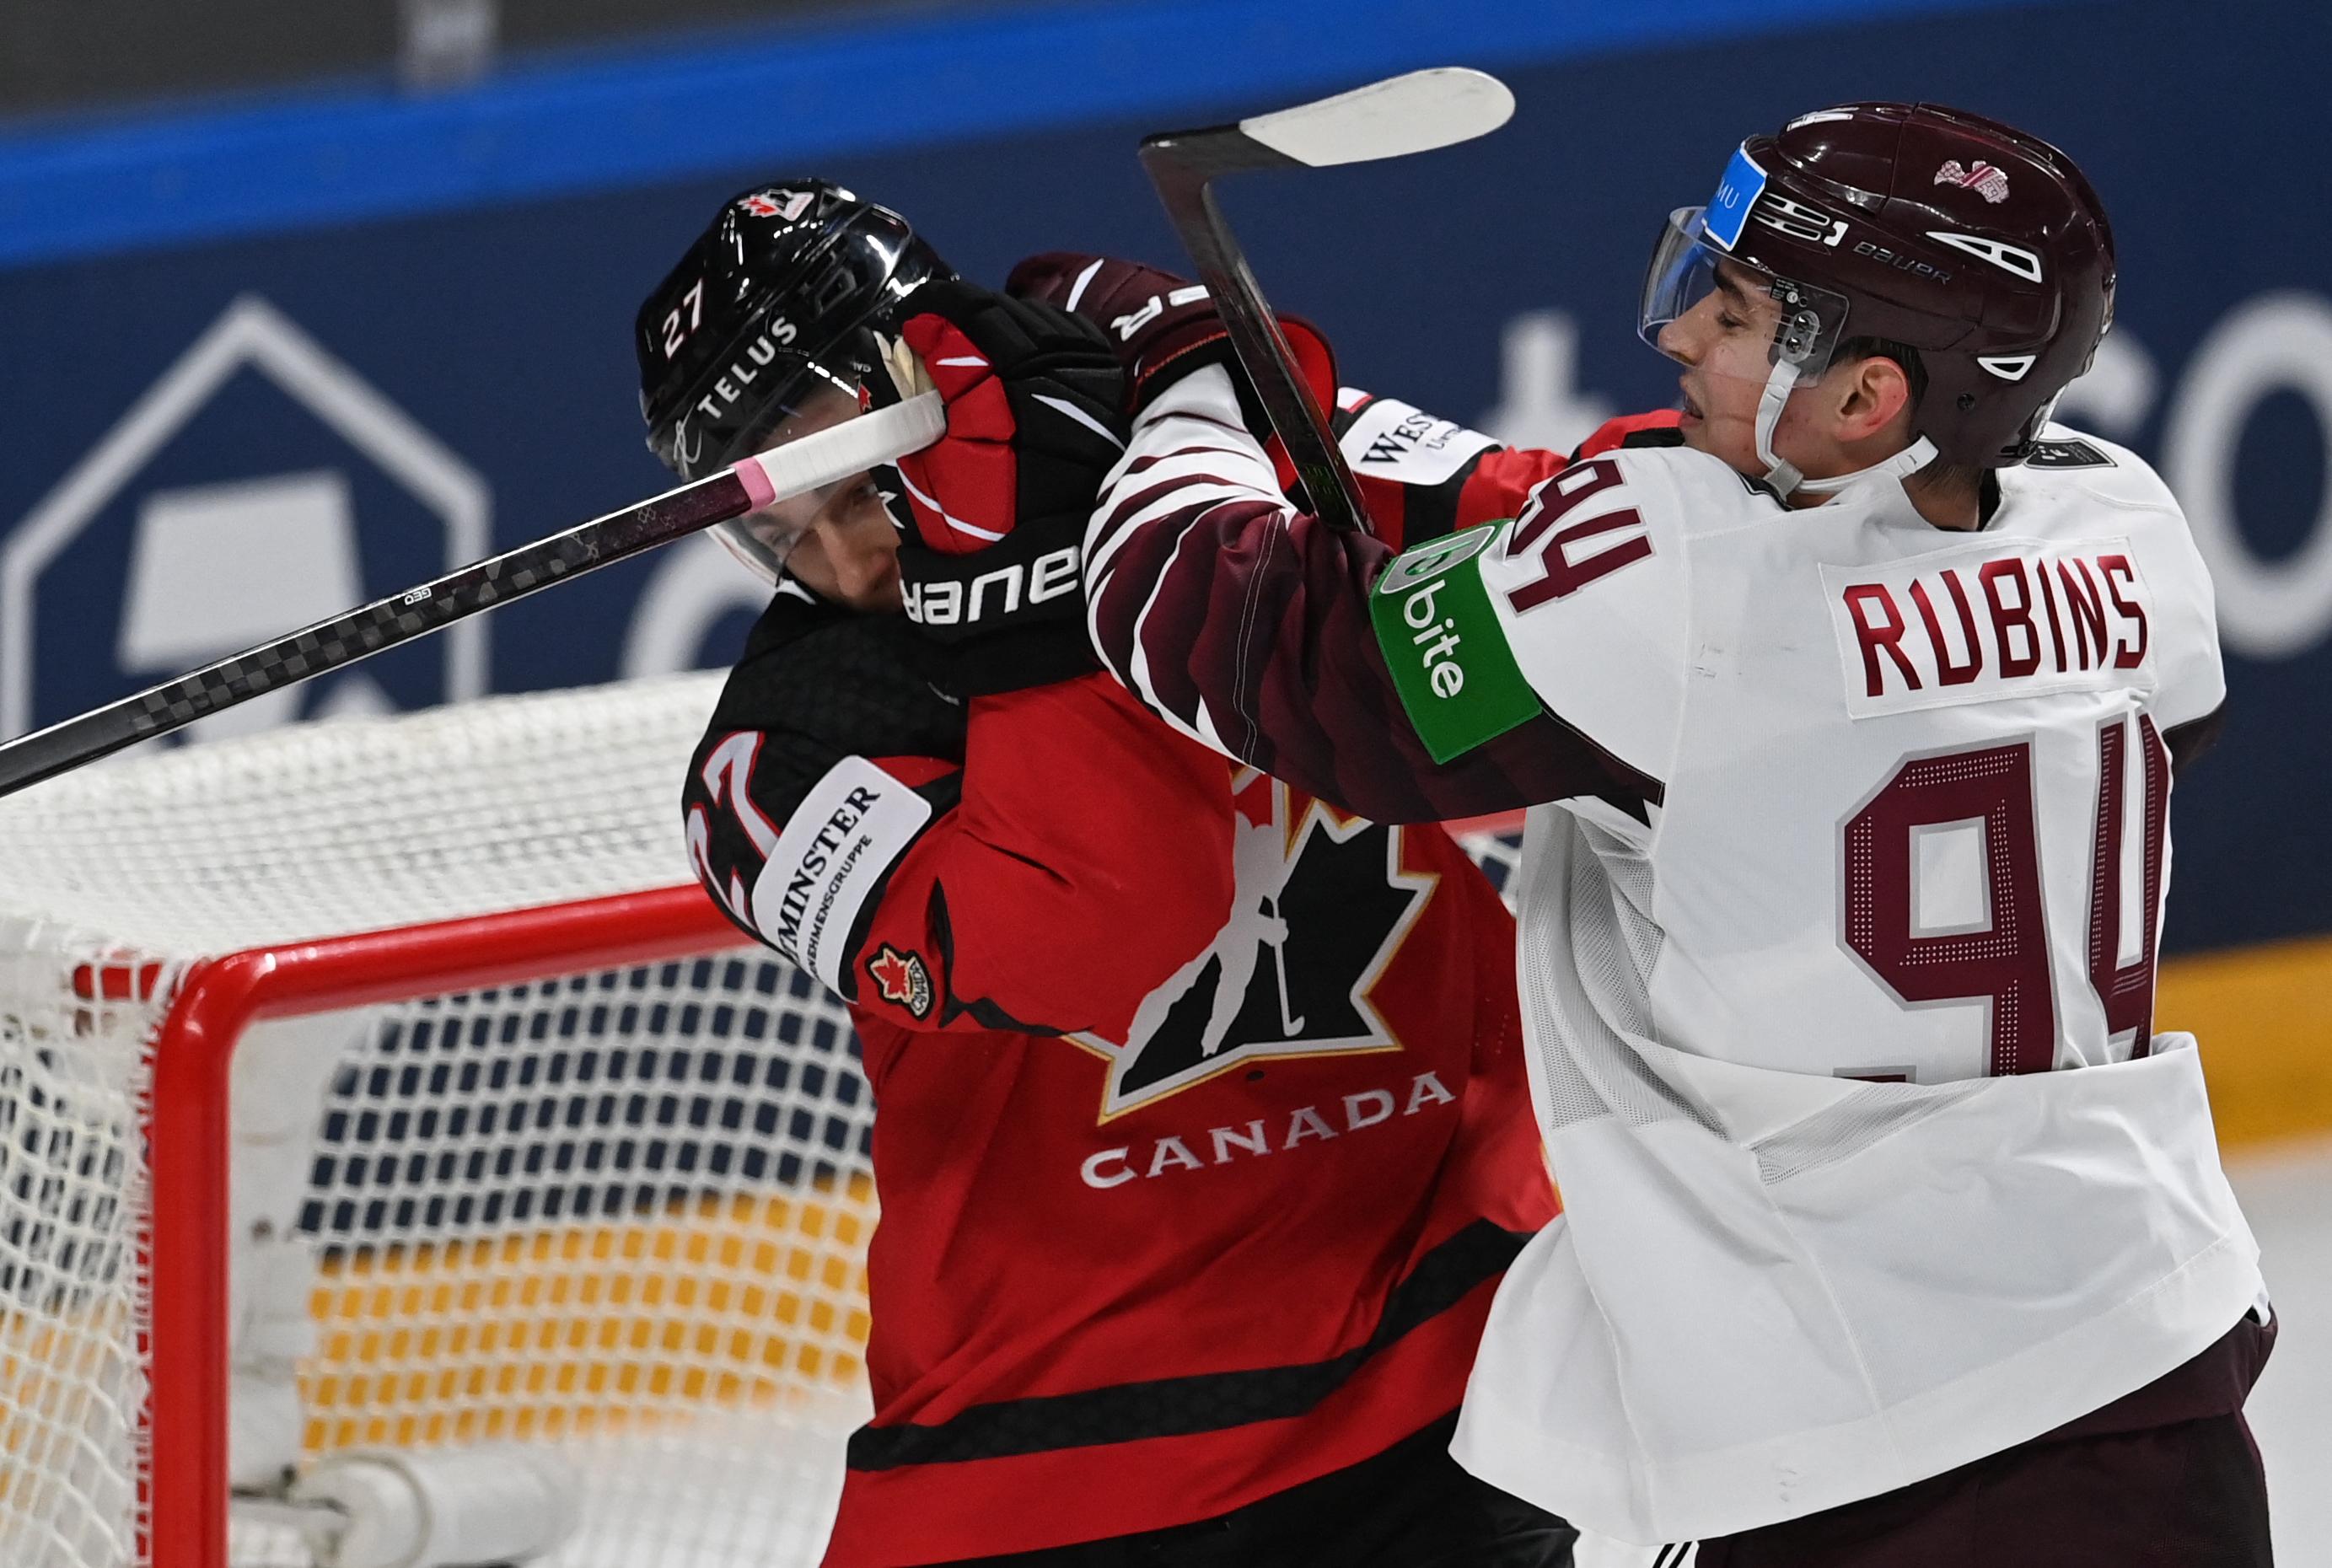 IHOCKEY-WC-IIHF-CAN-LAT